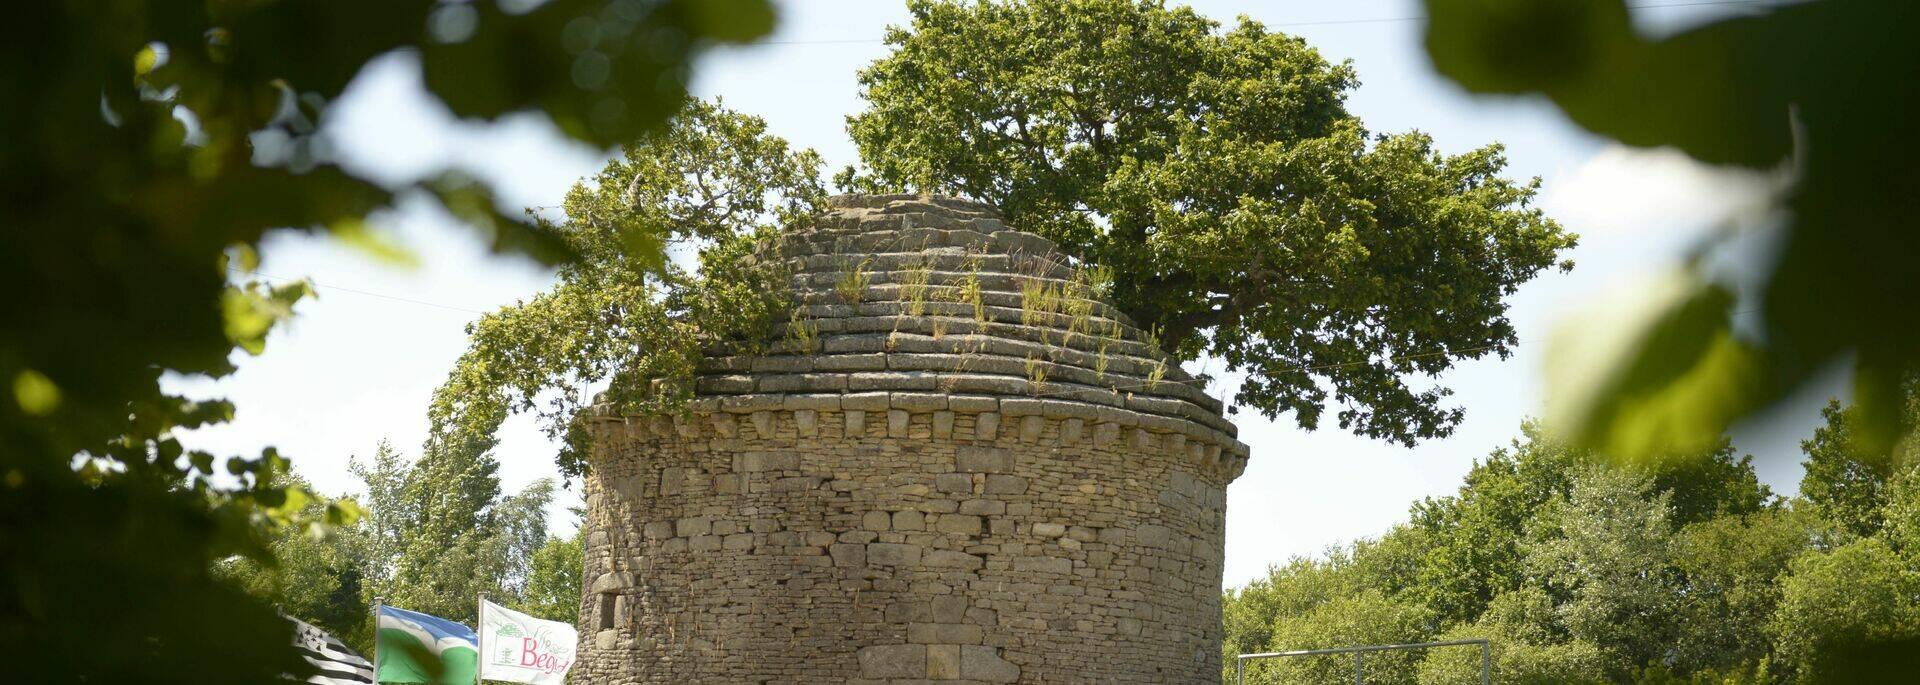 Crédit photo Armoripark - Colombier de Kernandour - Bégard - Parc de Loisirs